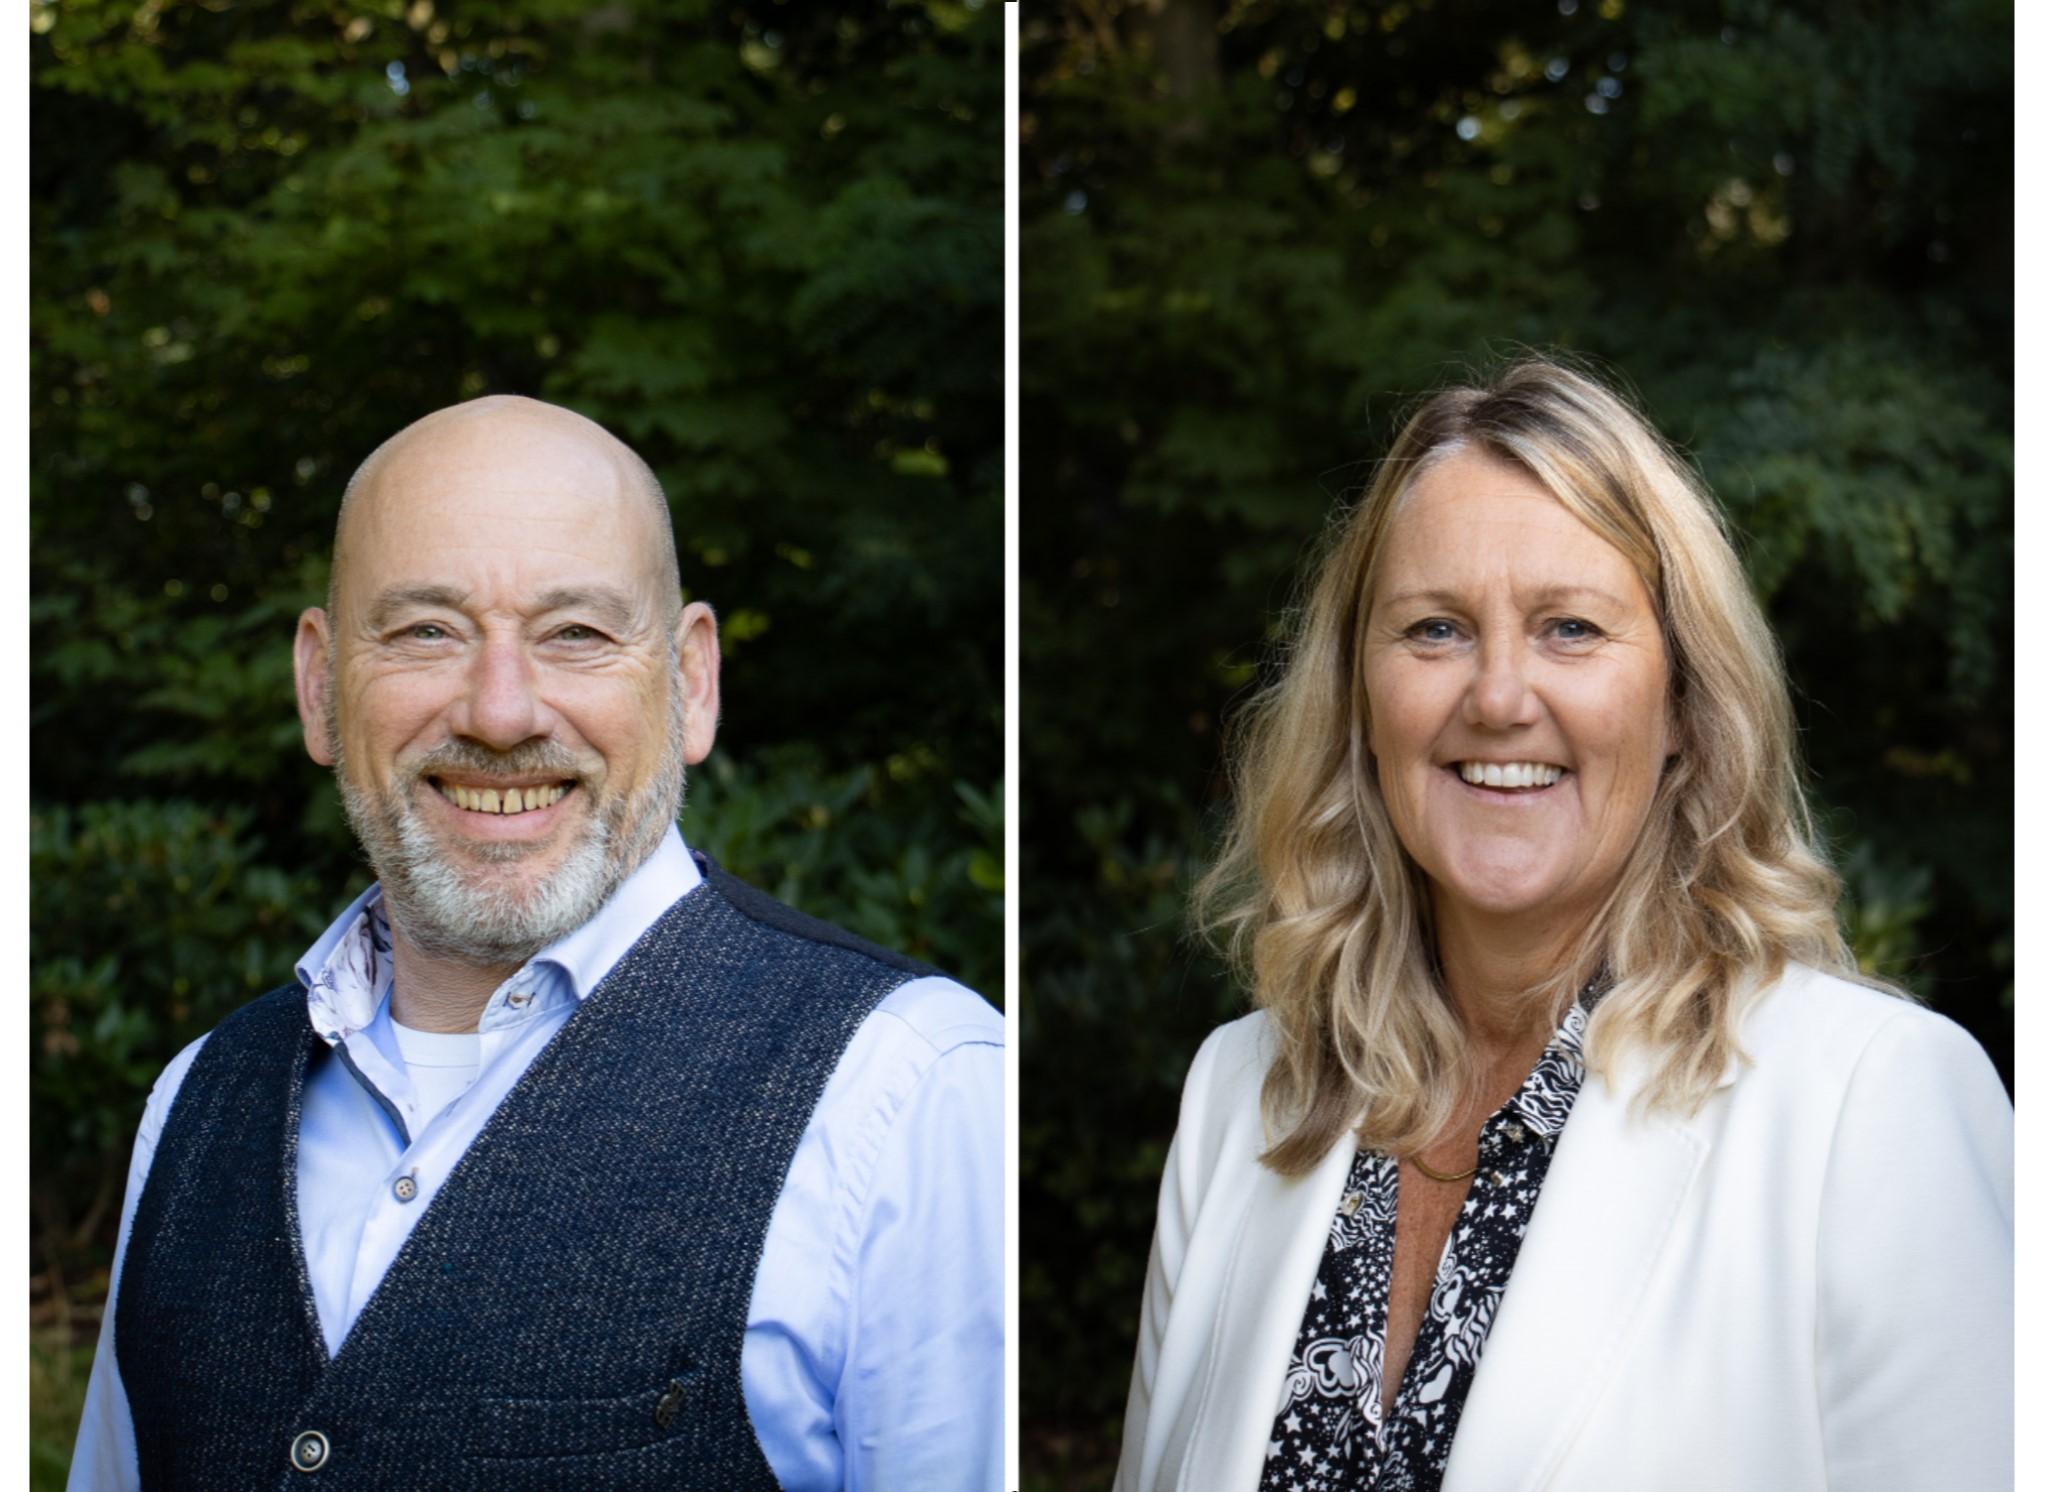 Onze collega's Hilda en Peter participeren in de gemeente Noordwijk